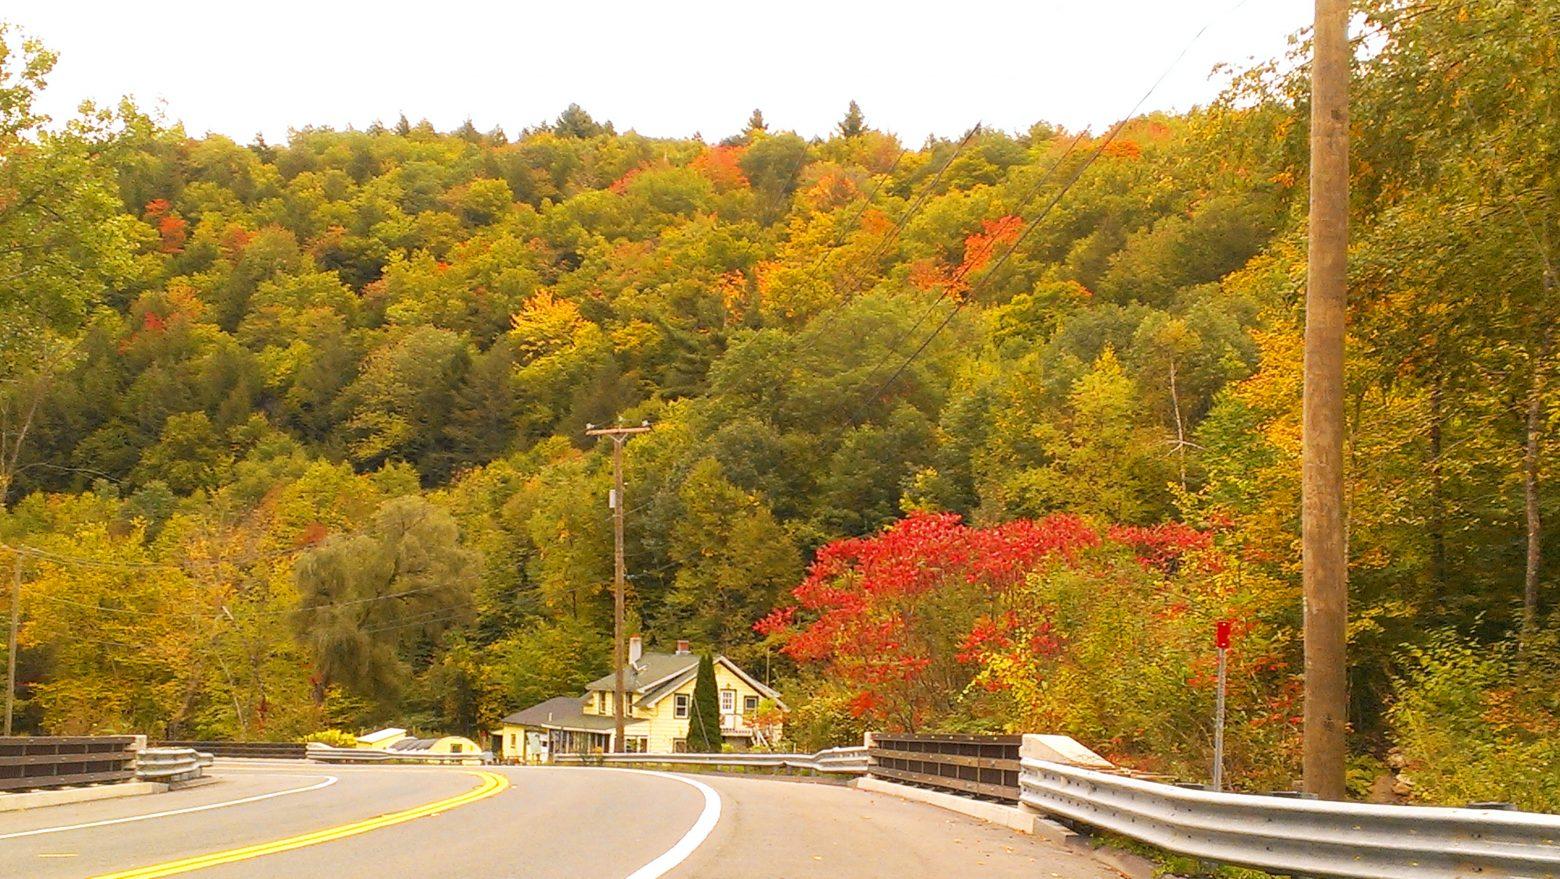 2015-10-02 Berkshire Leaf Color 4 for CPD